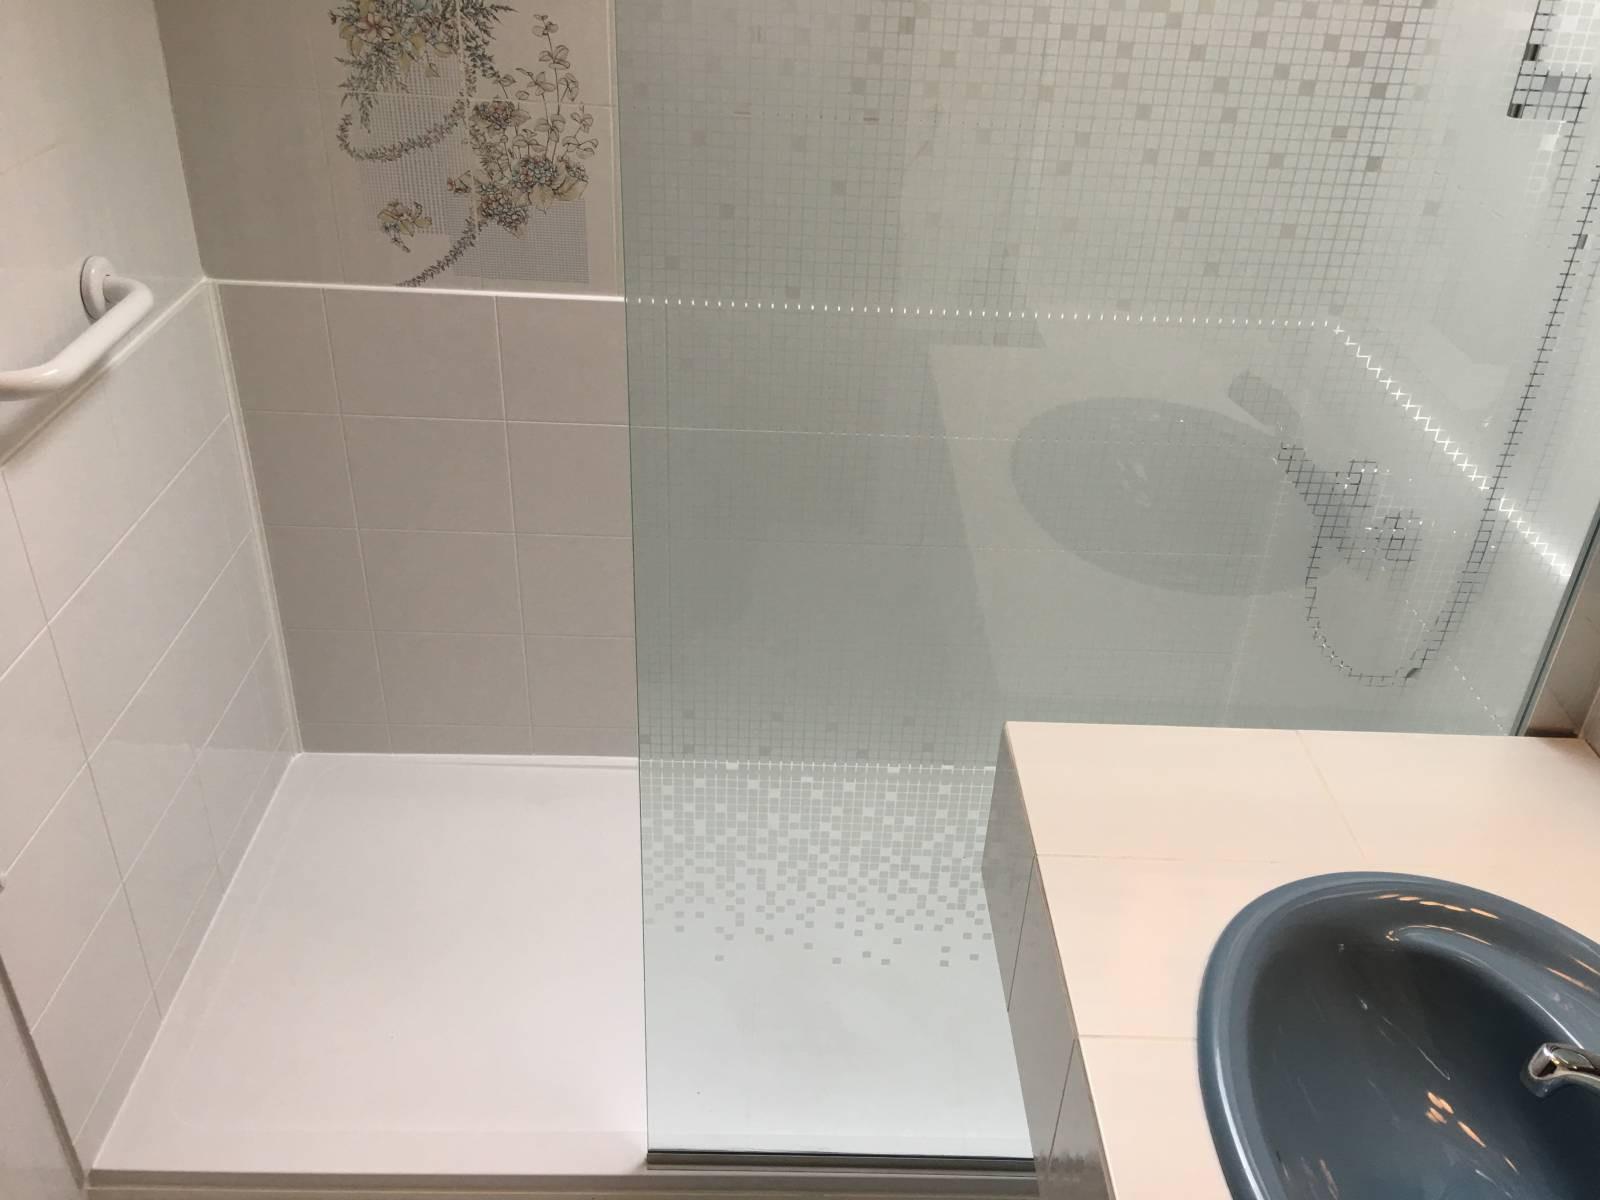 sp cialiste remplacement baignoire par douche senior s curis e quimper et dans tout le. Black Bedroom Furniture Sets. Home Design Ideas